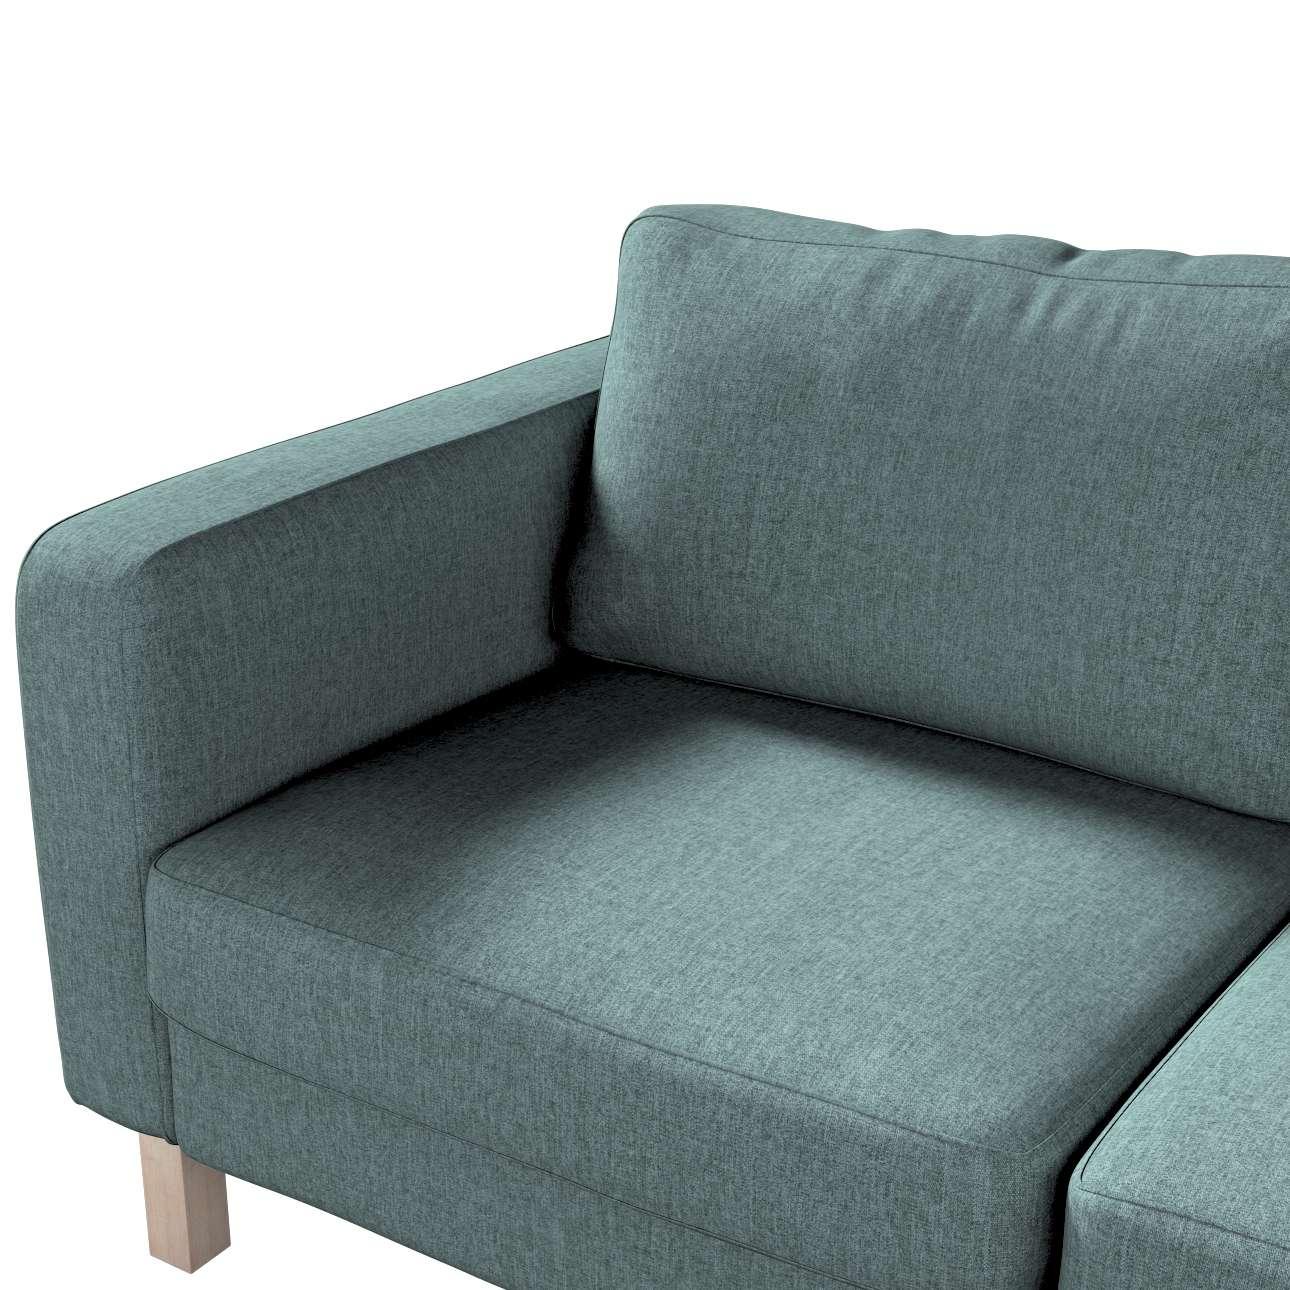 Pokrowiec na sofę Karlstad 2-osobową nierozkładaną krótki w kolekcji City, tkanina: 704-85